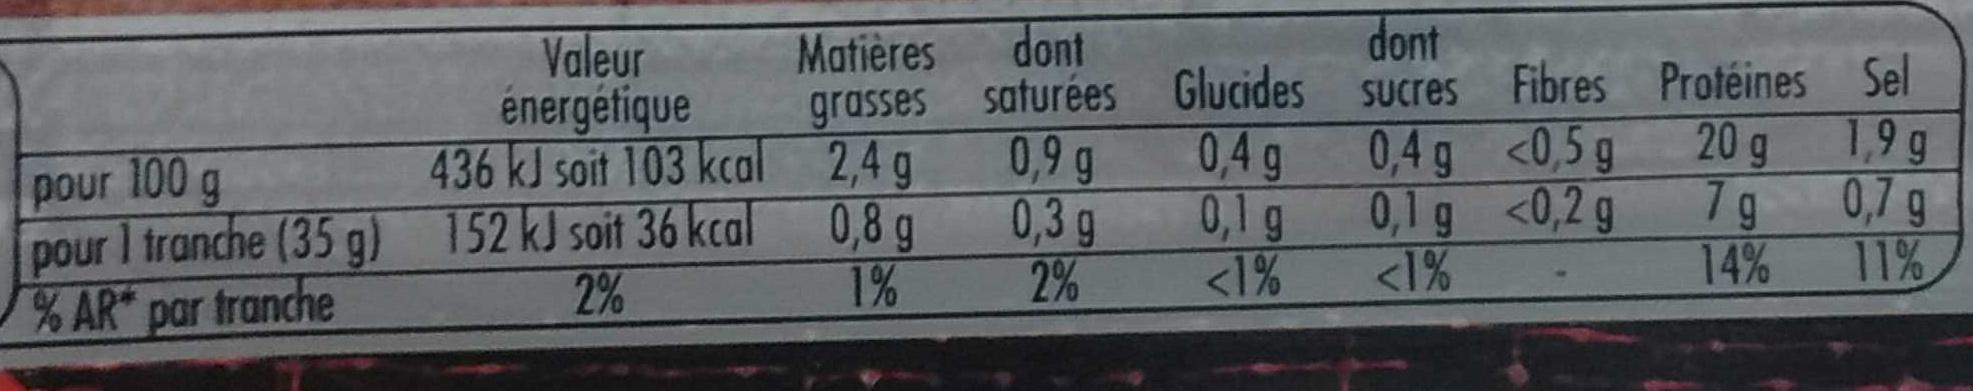 Le Bon Paris Fumé - Informations nutritionnelles - fr